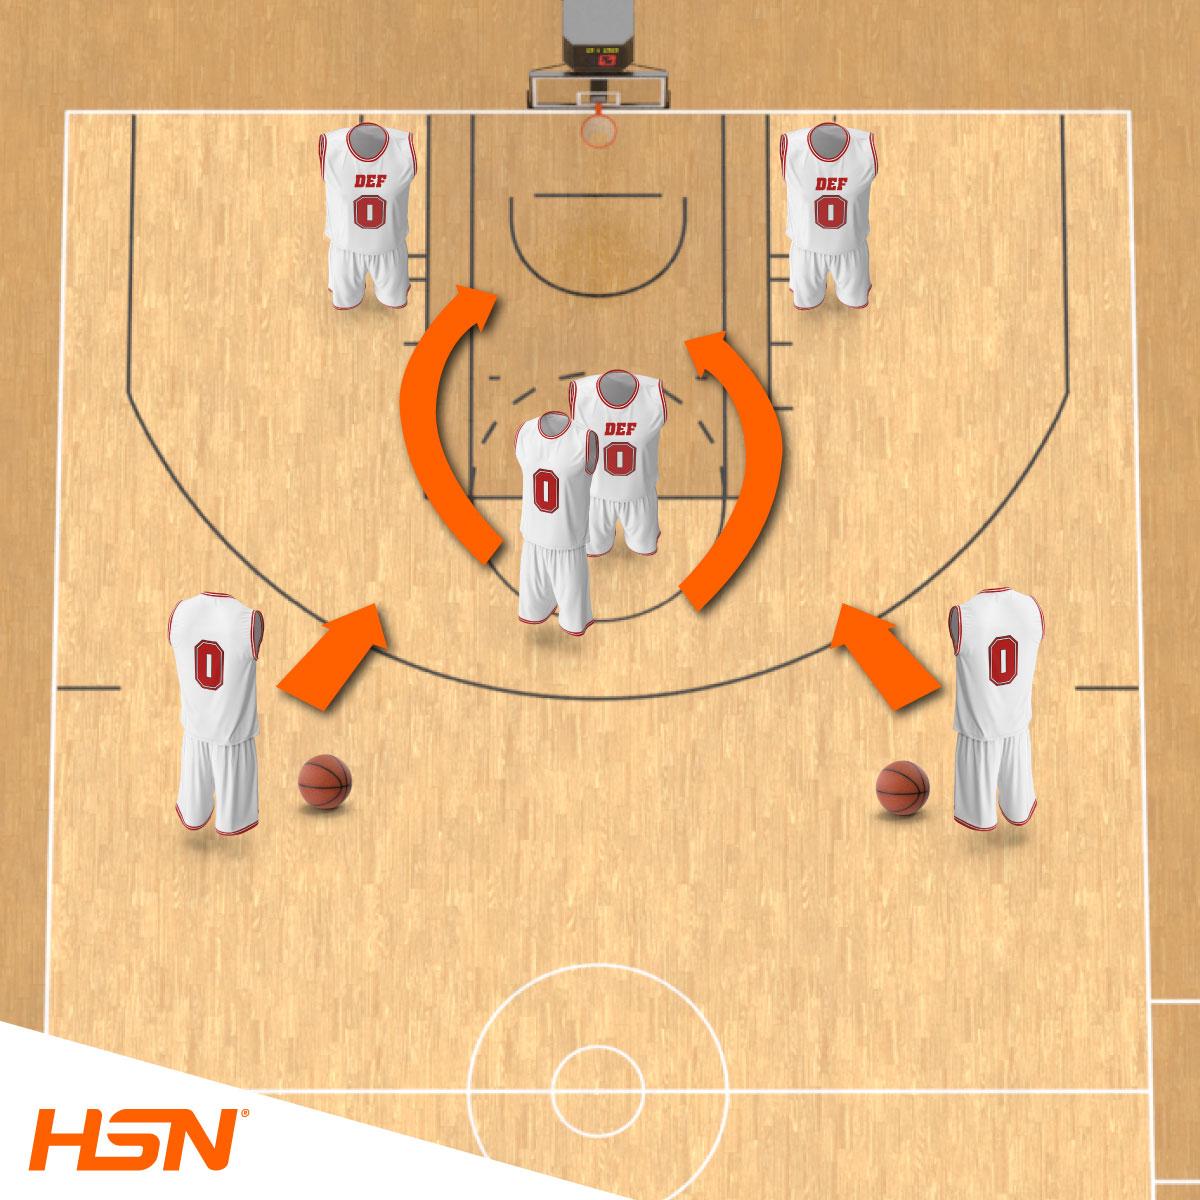 Esercizio per Allenamento Funzionale Centro Basket